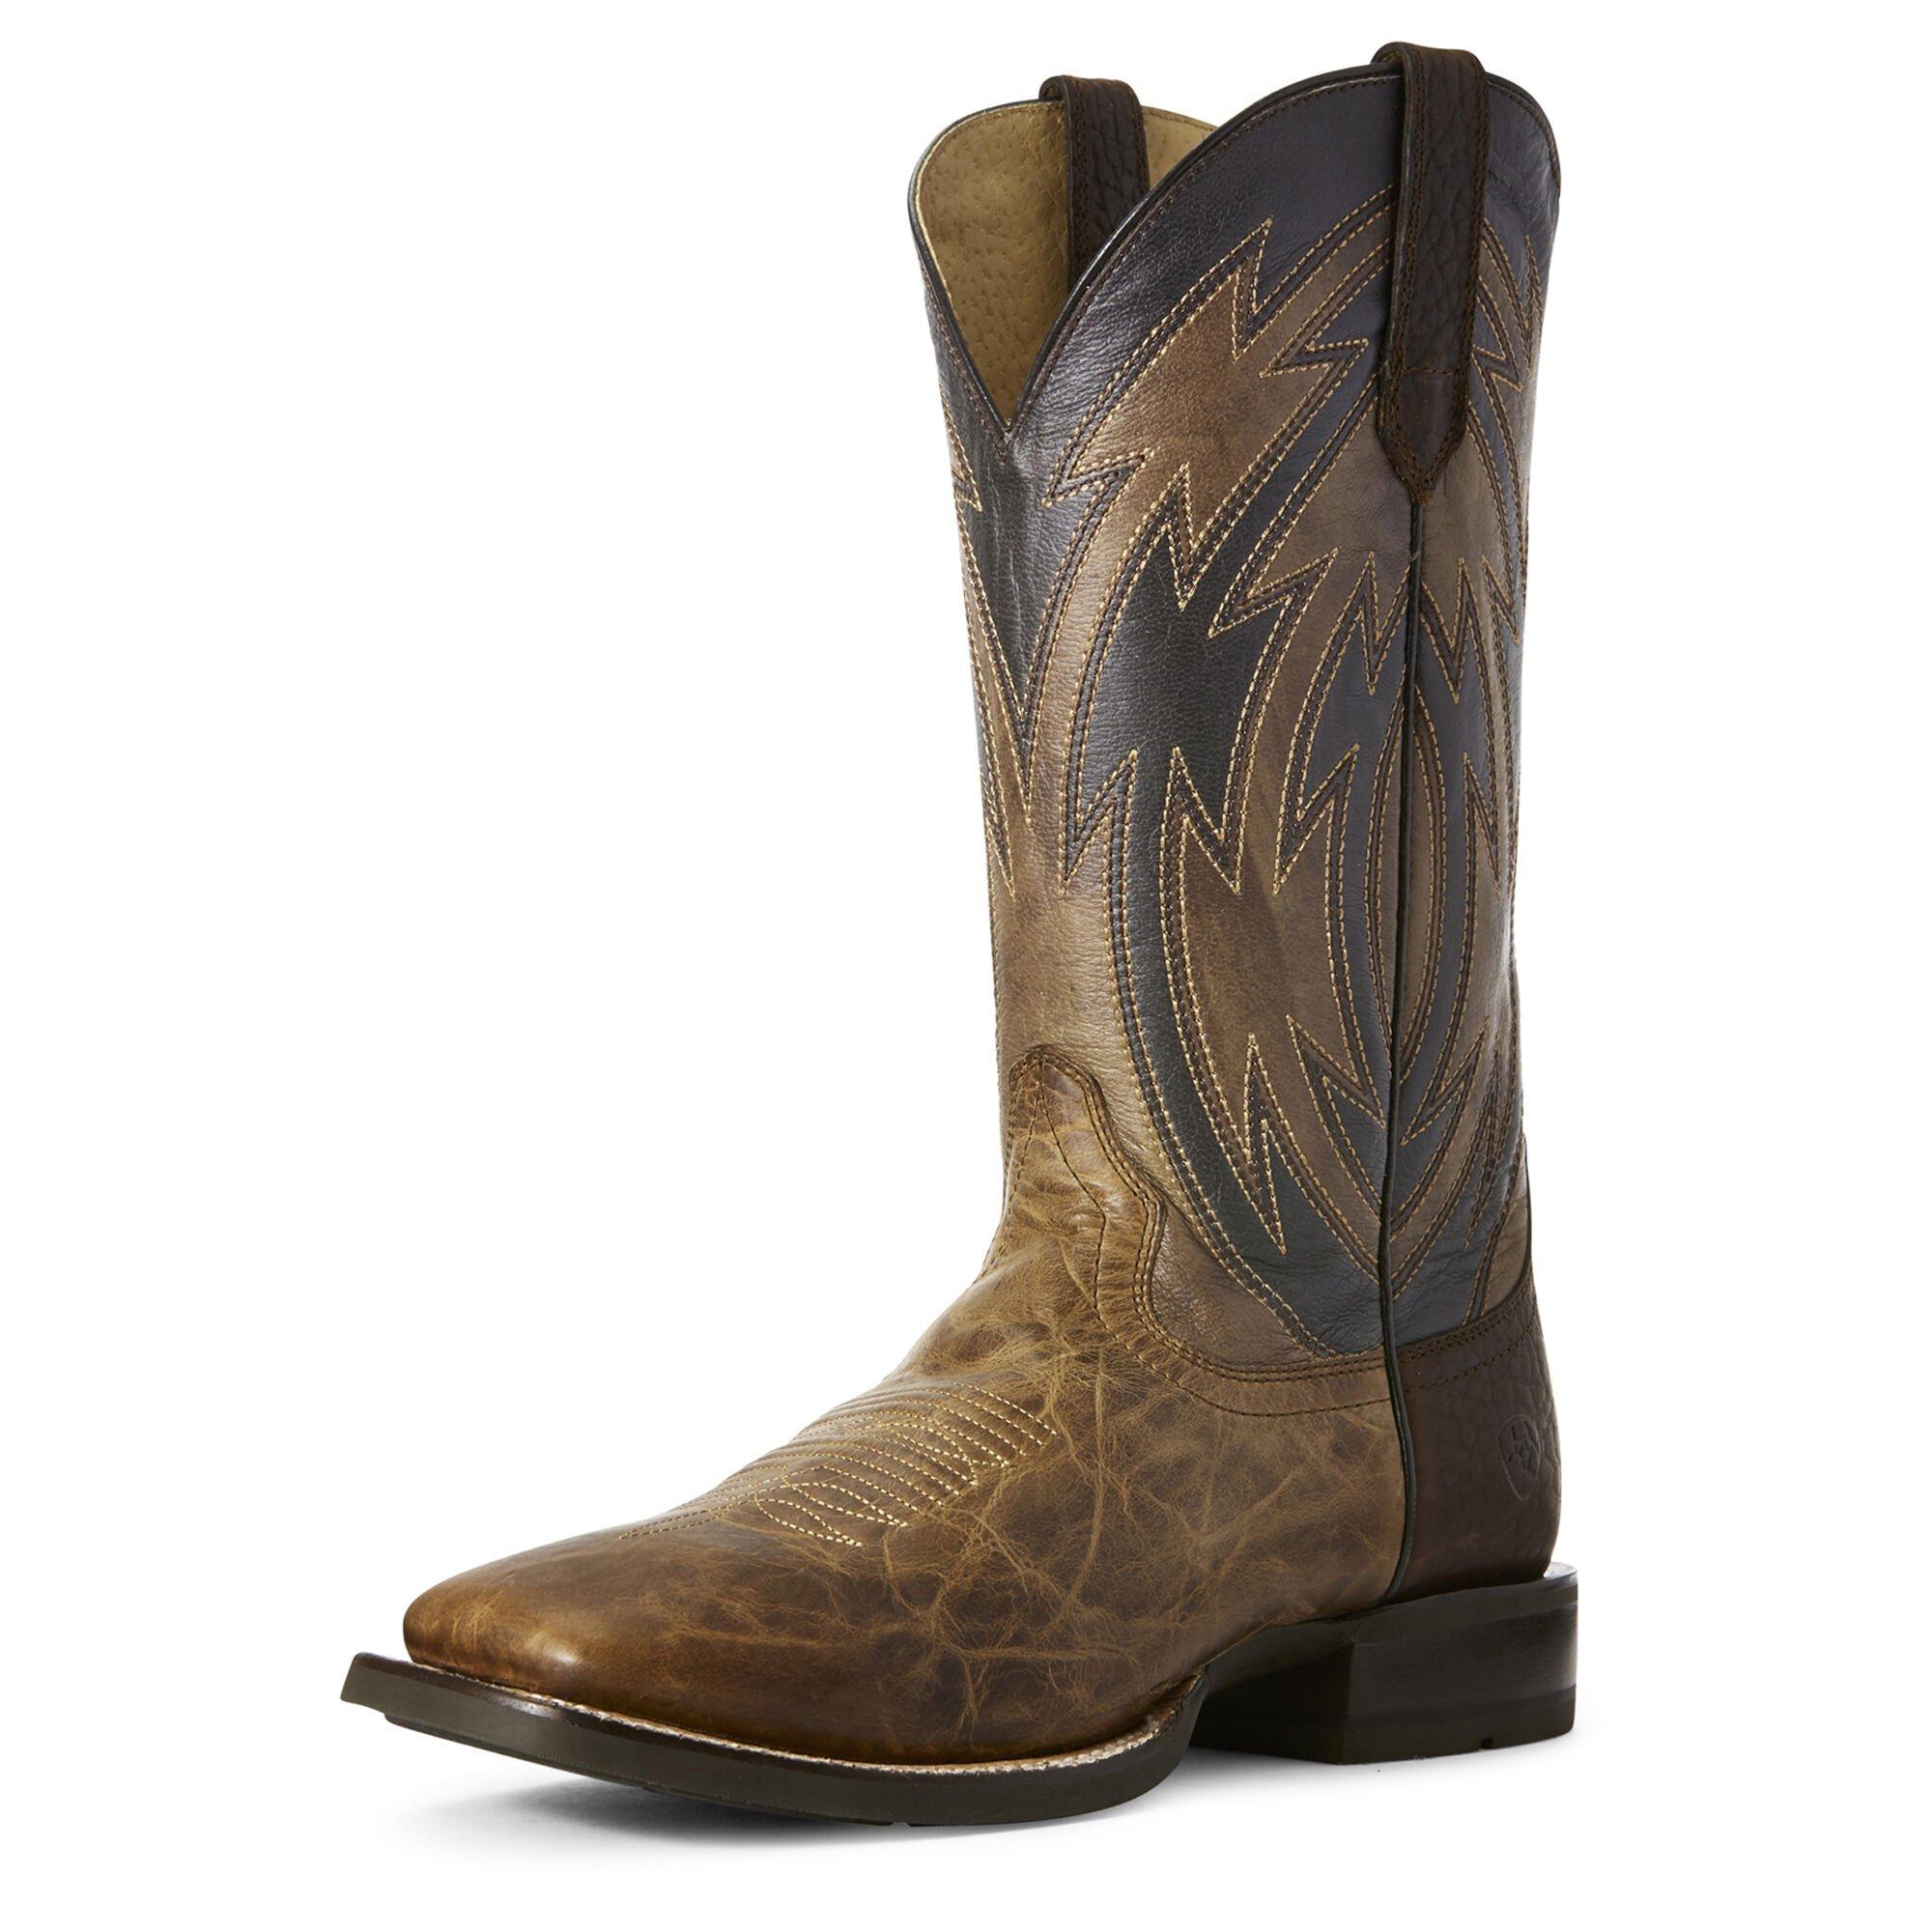 Crossdraw Western Boot